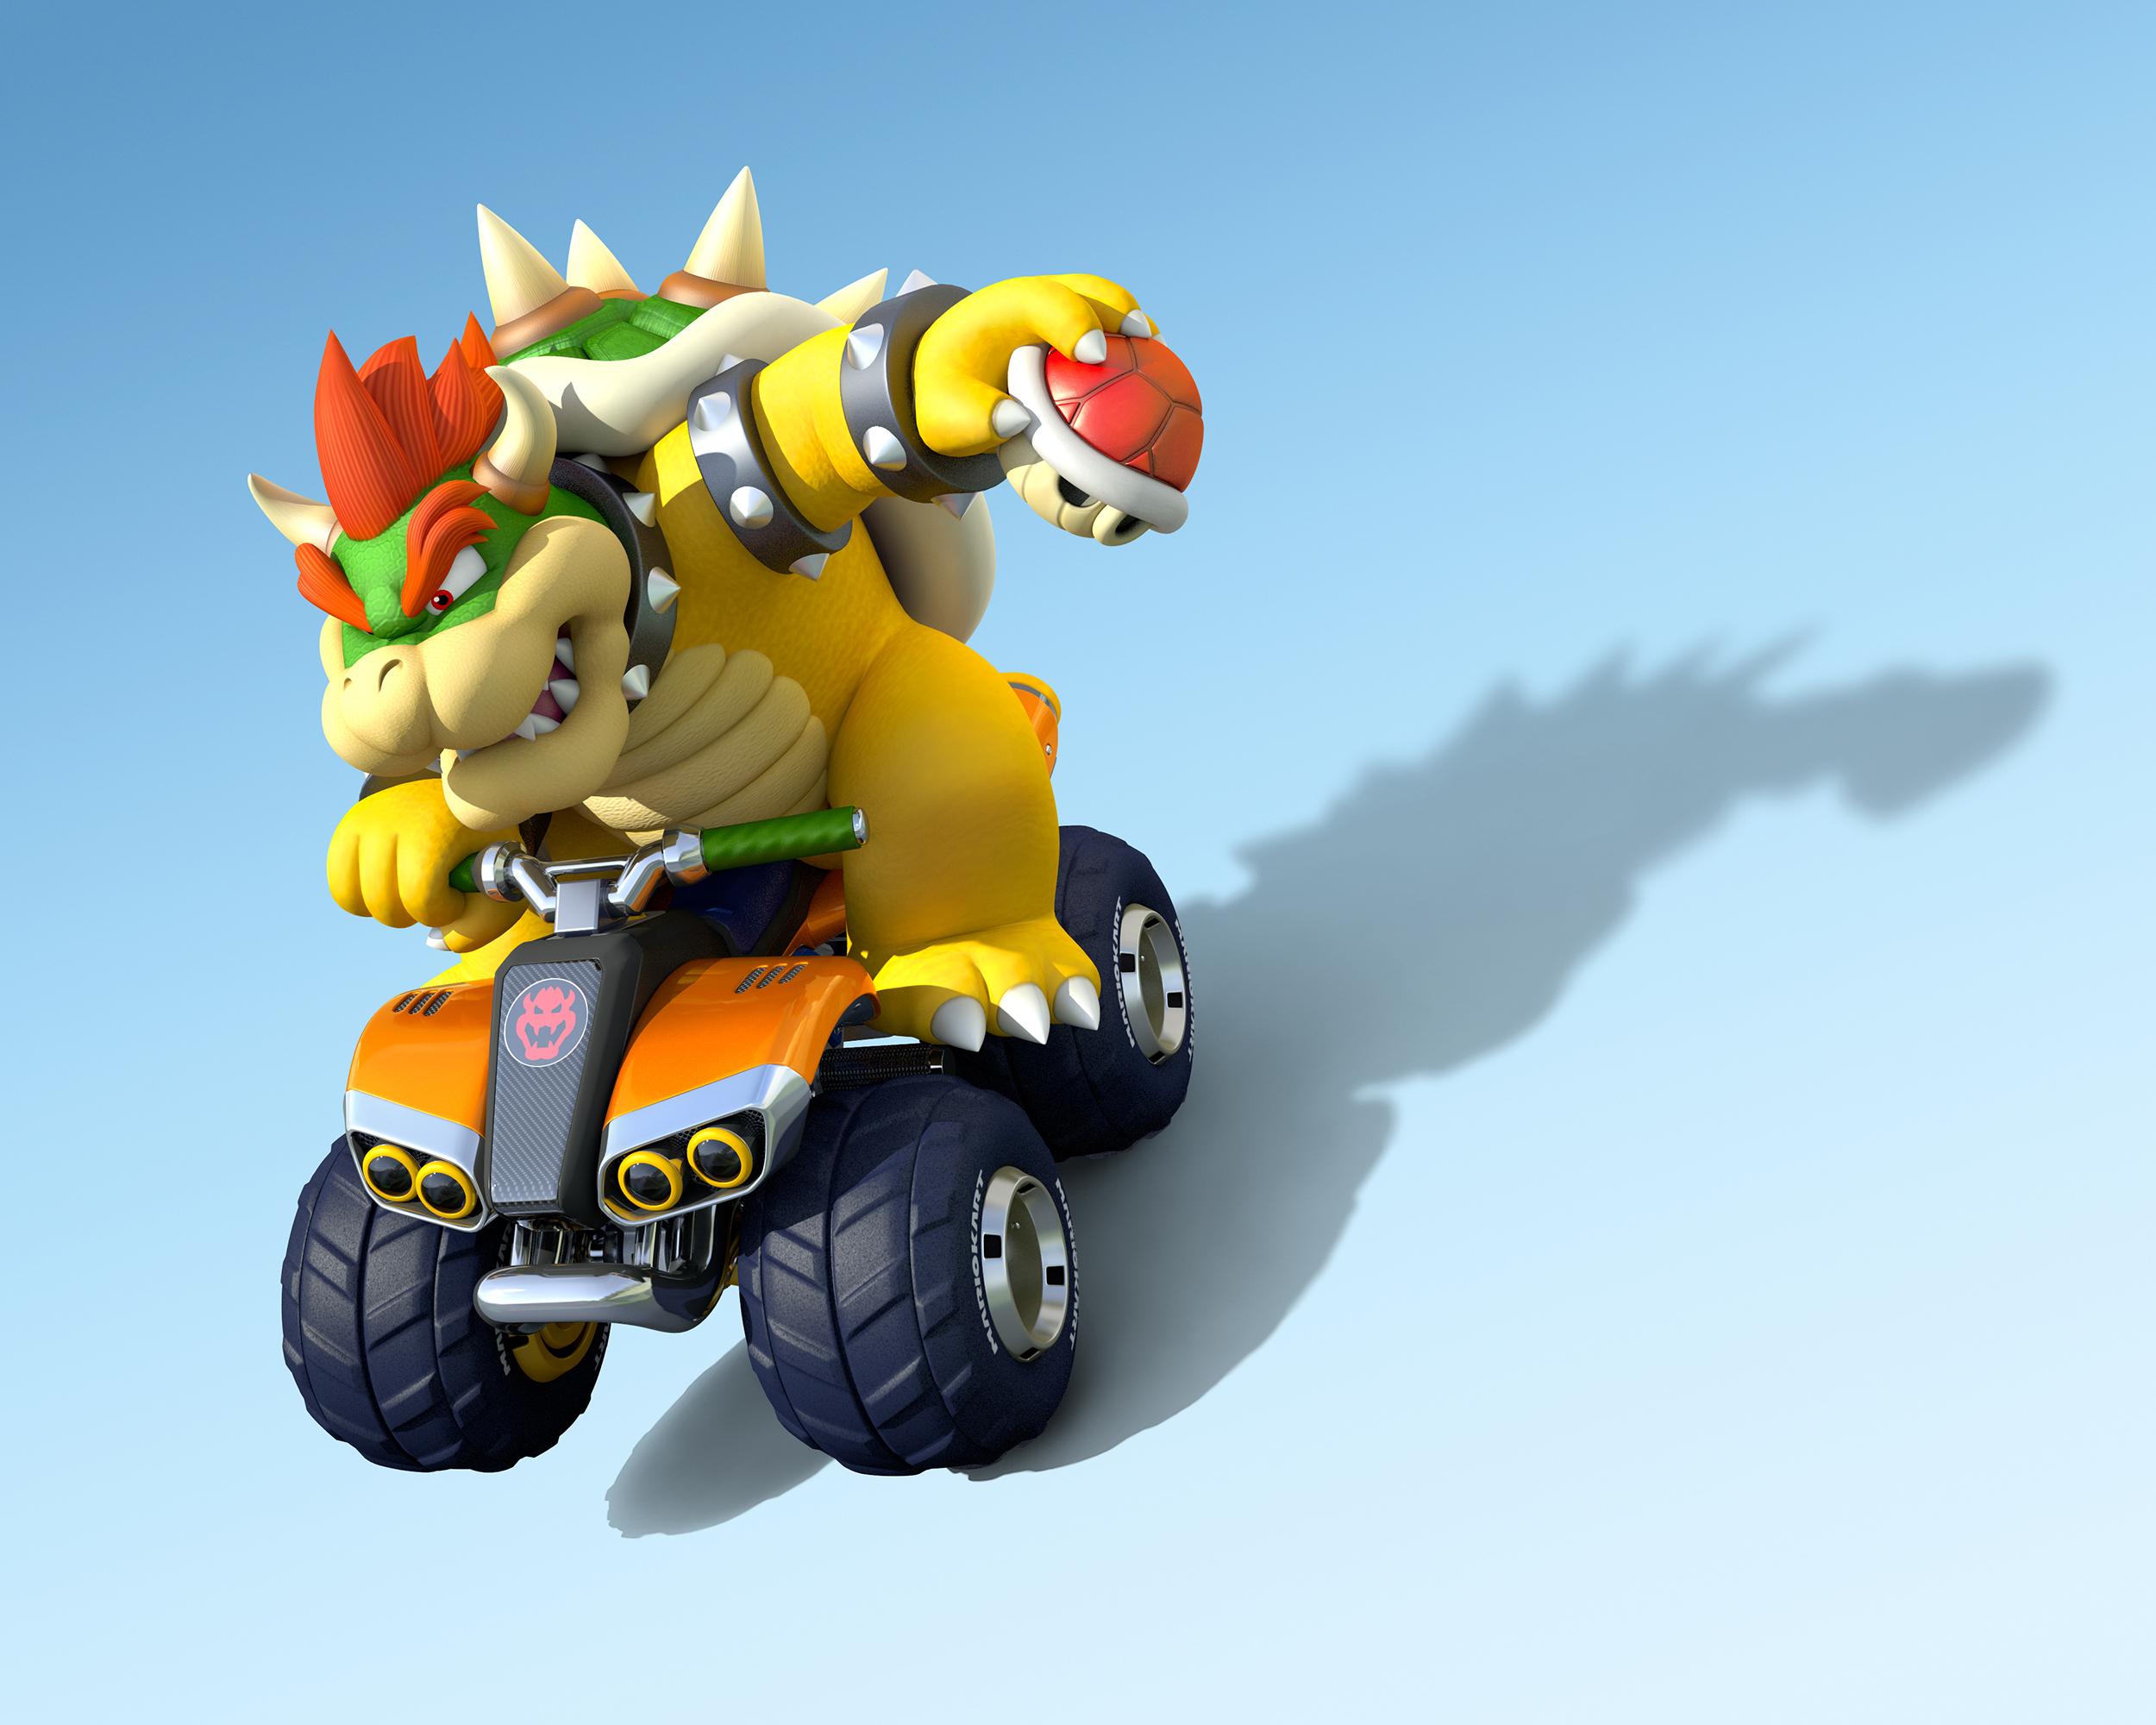 30. května přifrčí Mario Kart 8 93484